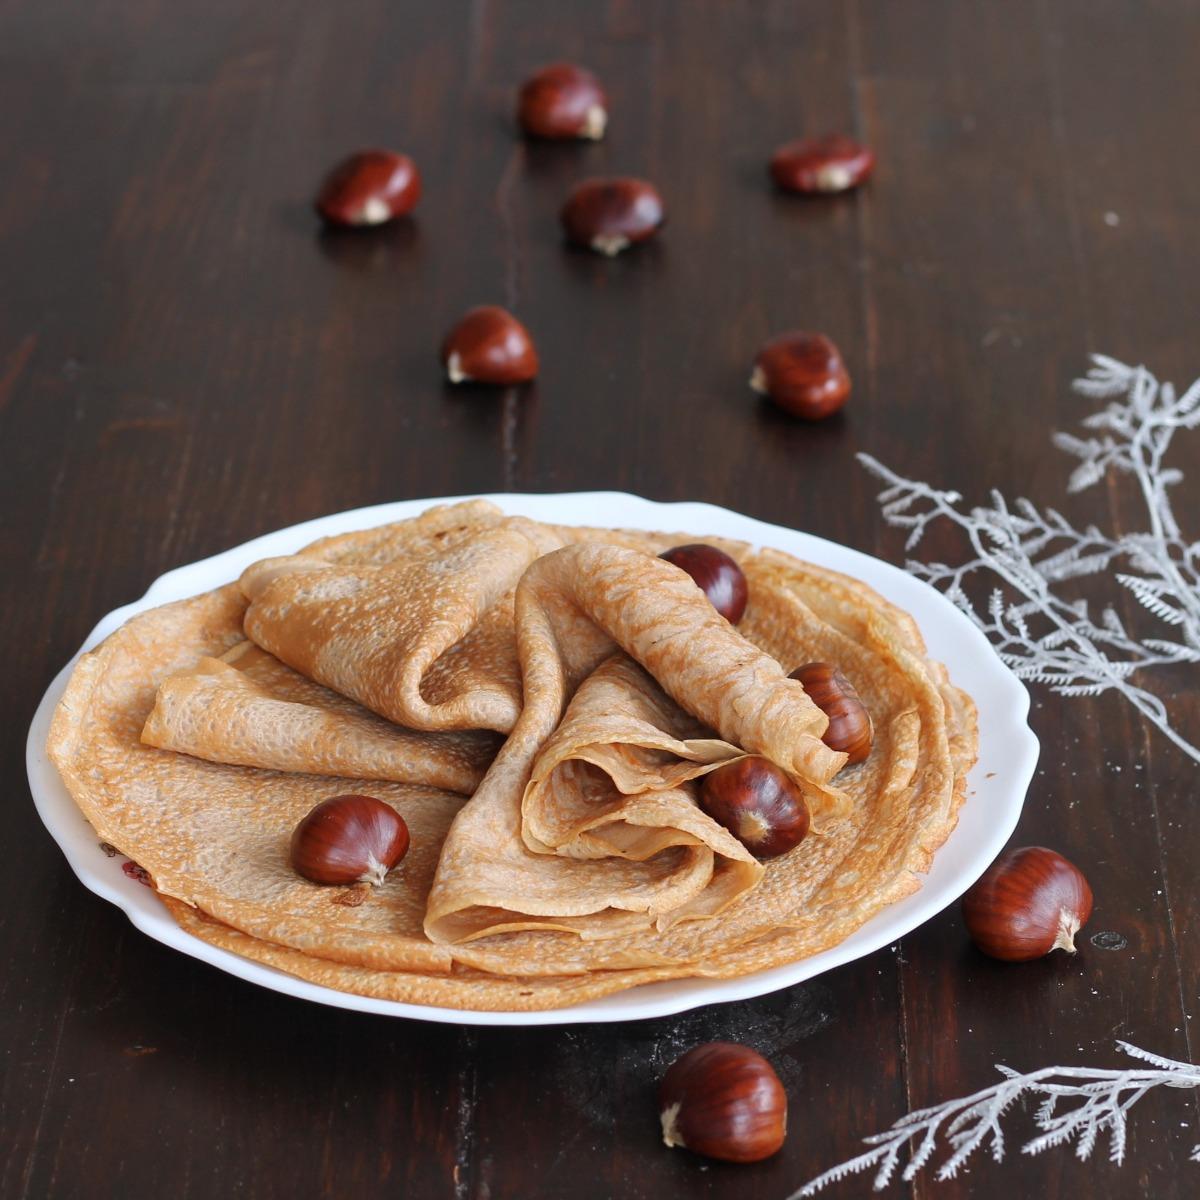 CREPES DI CASTAGNE SENZA BURRO e latte   ricetta senza glutine